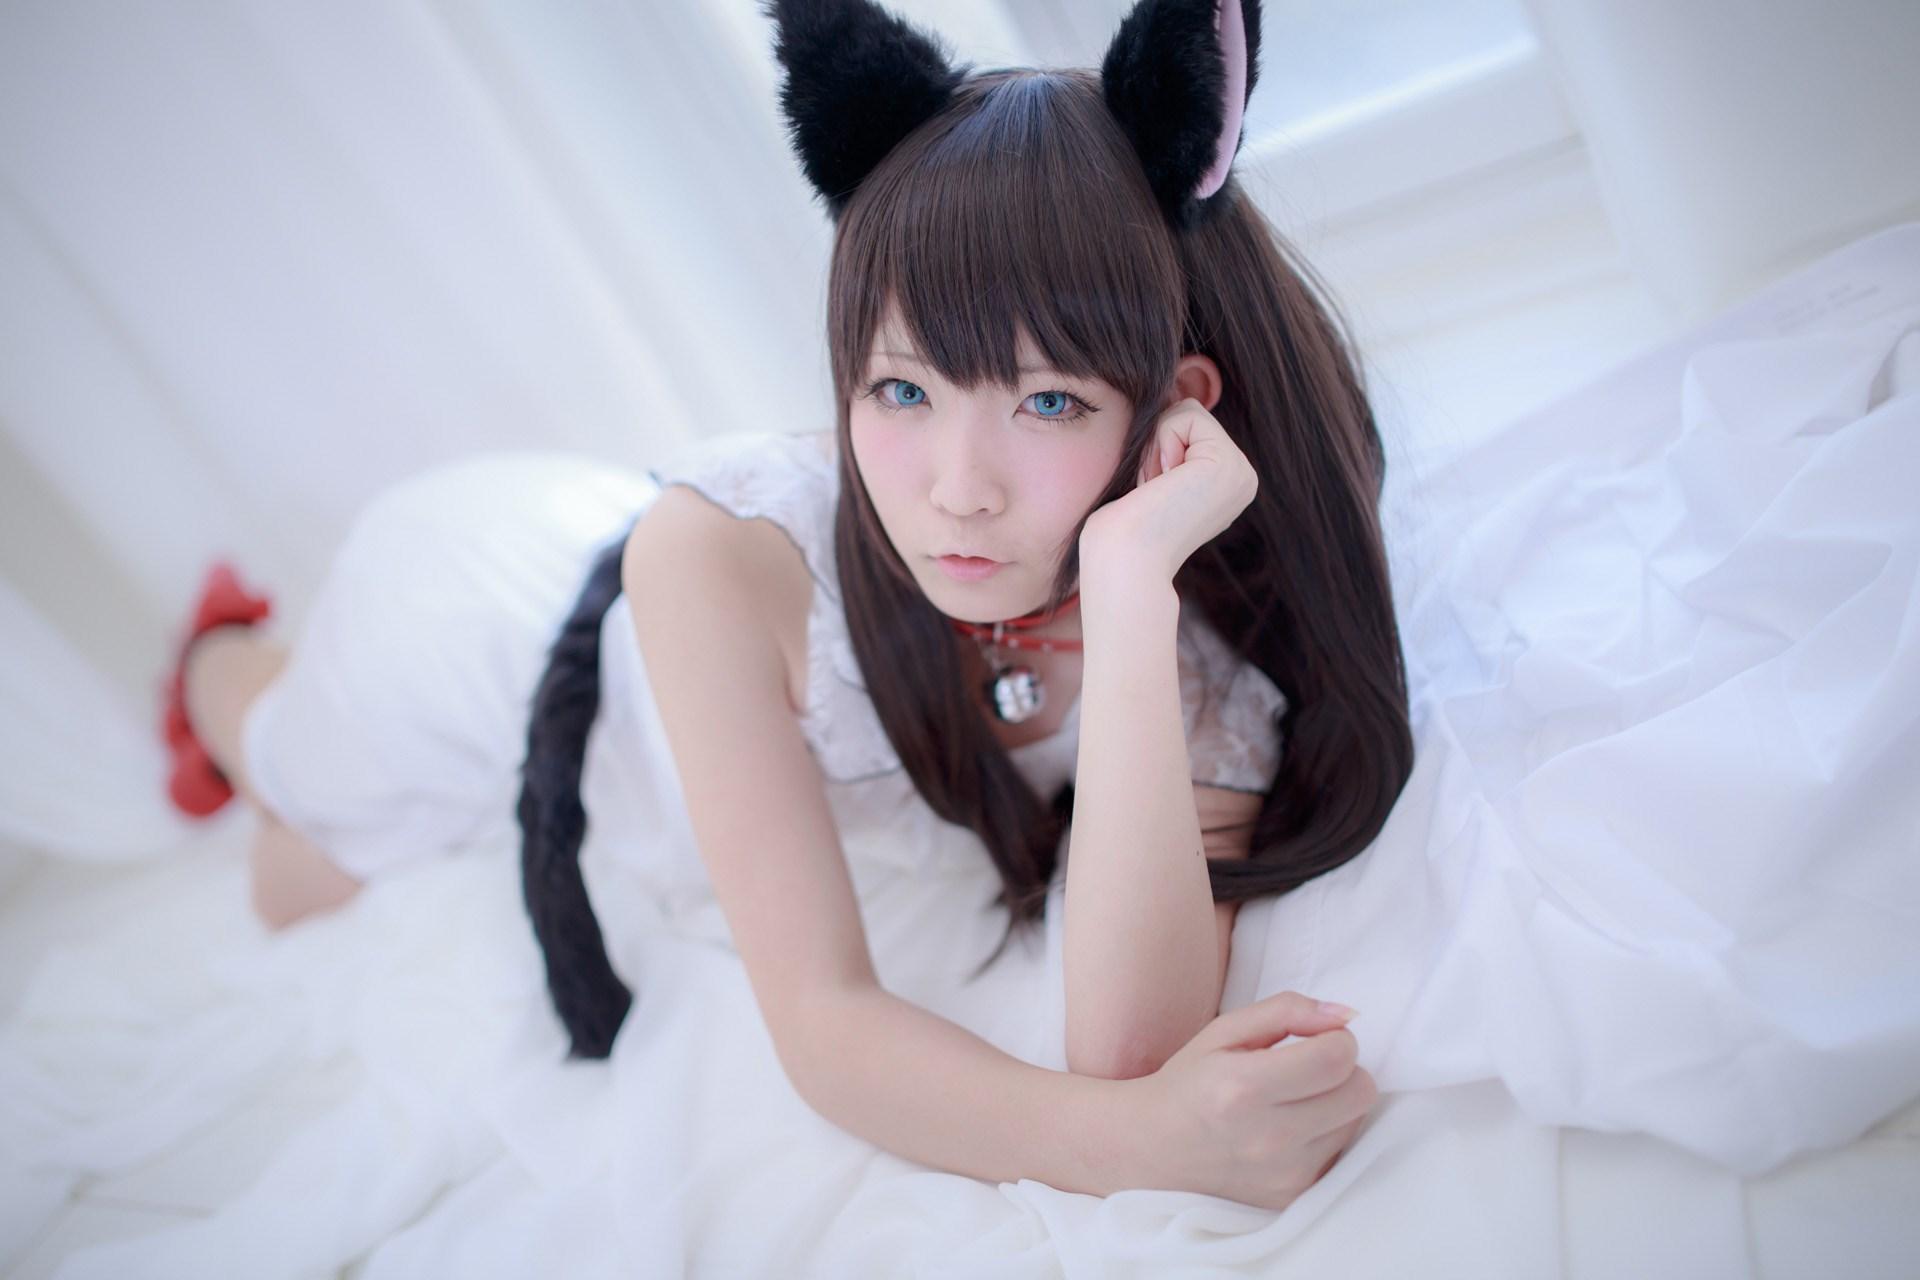 【兔玩映画】猫耳 兔玩映画 第45张